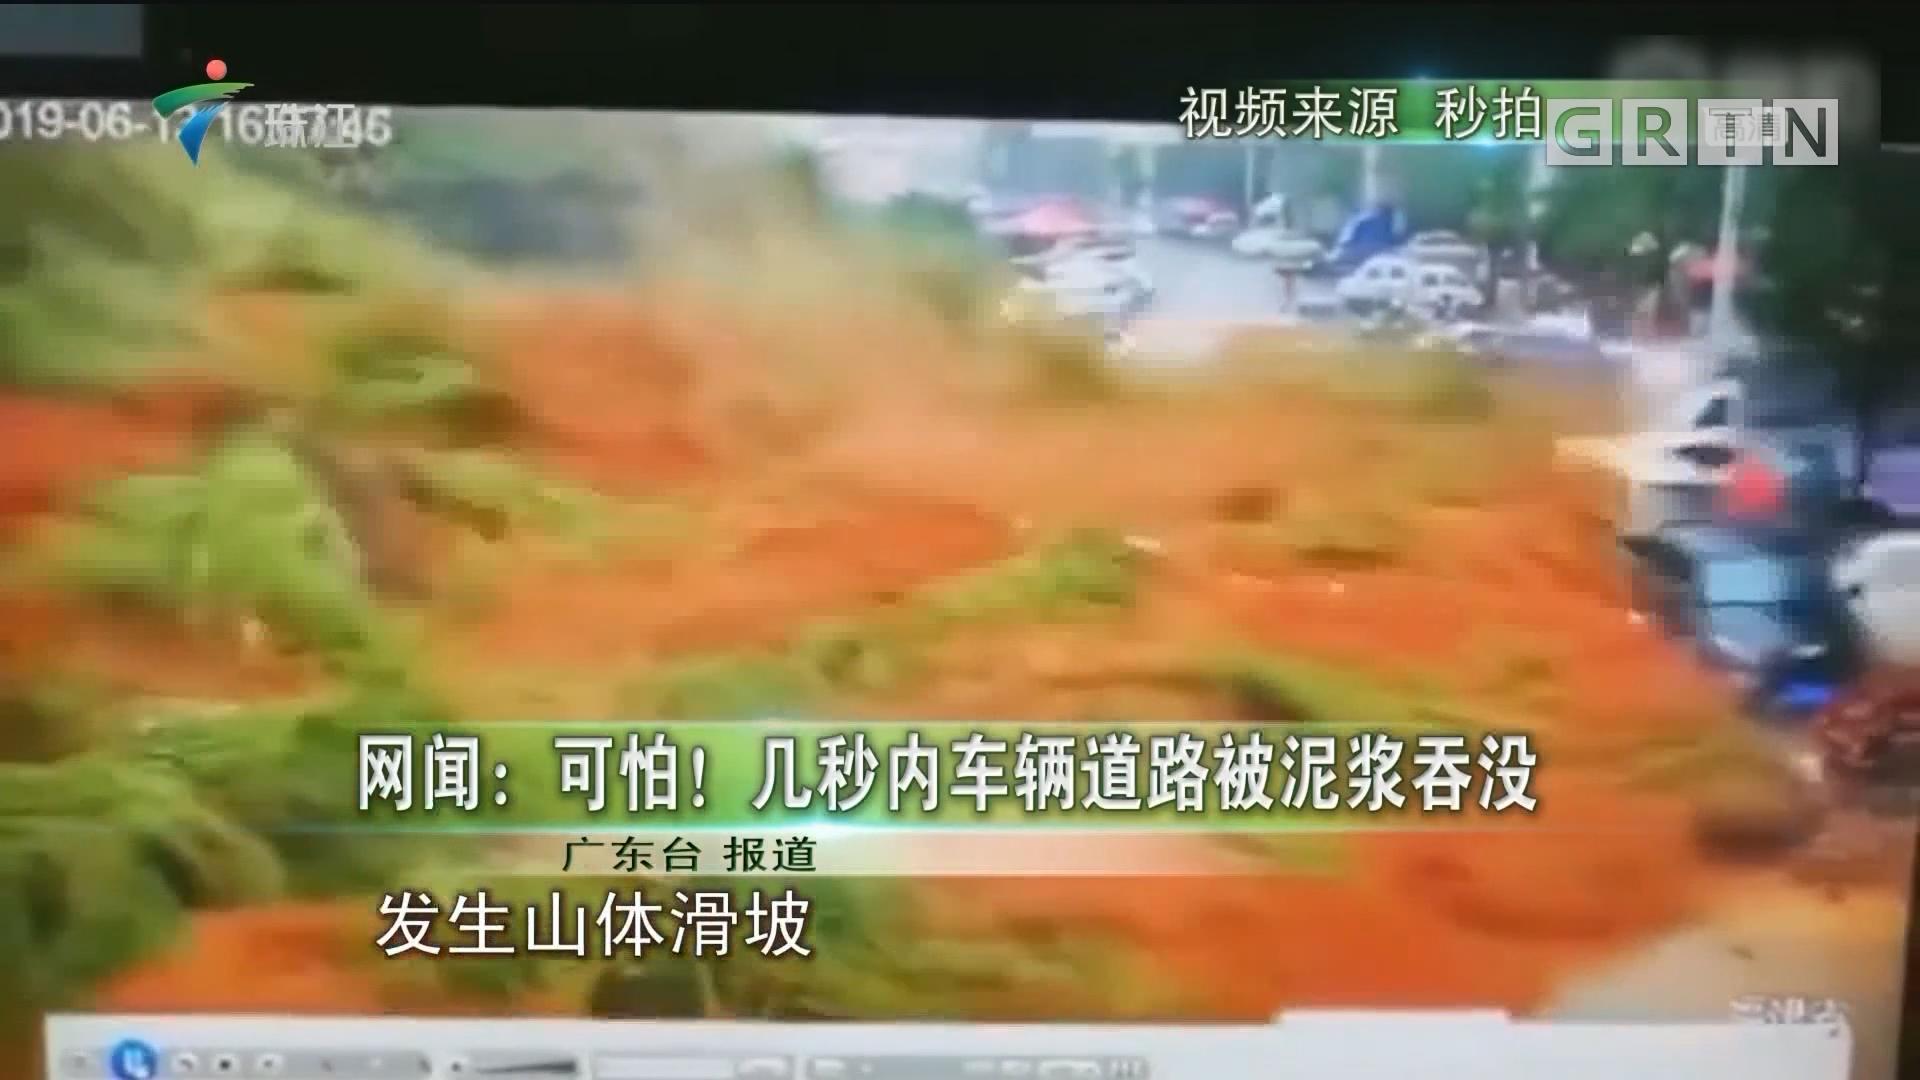 网闻:可怕!几秒内车辆道路被泥浆吞没